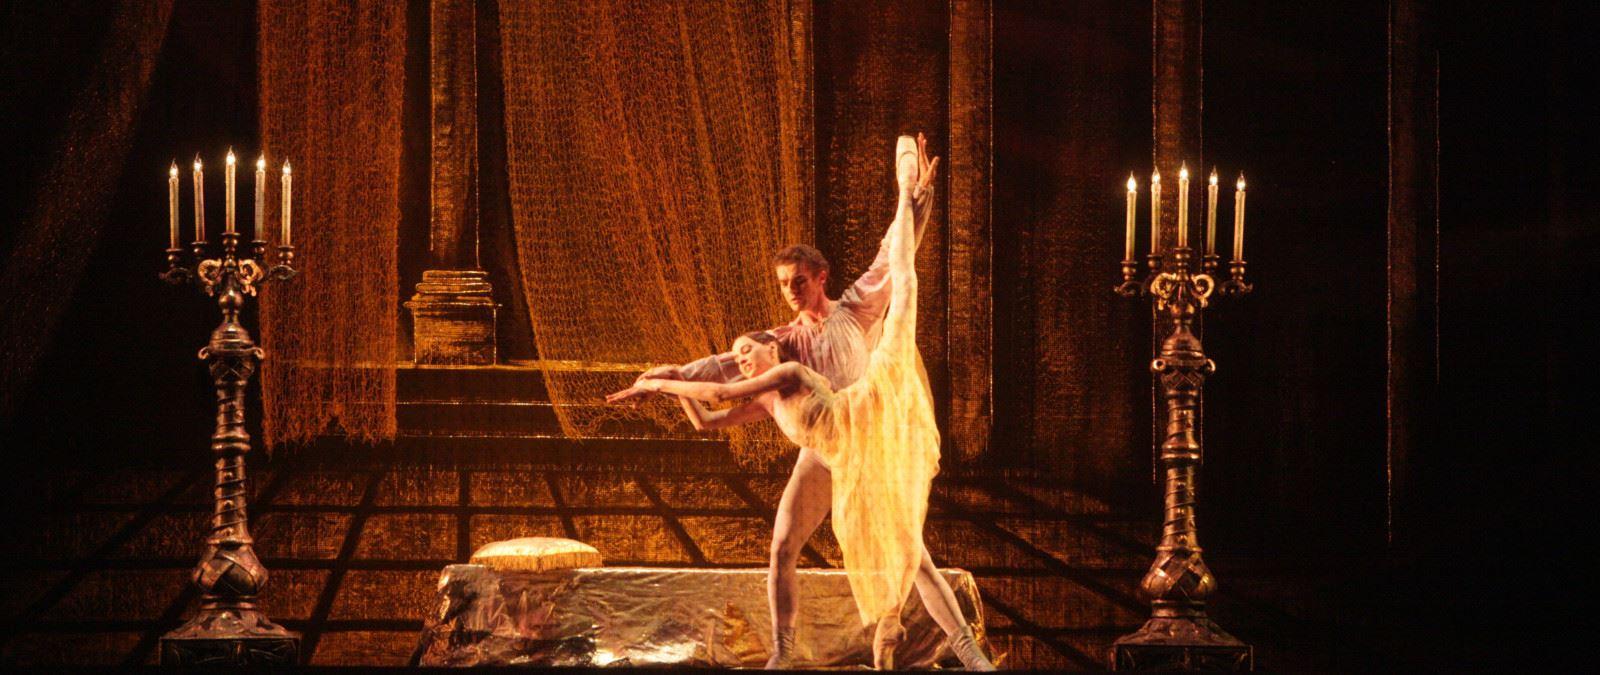 The Bolsoj Theatre - Romeo and Juliet